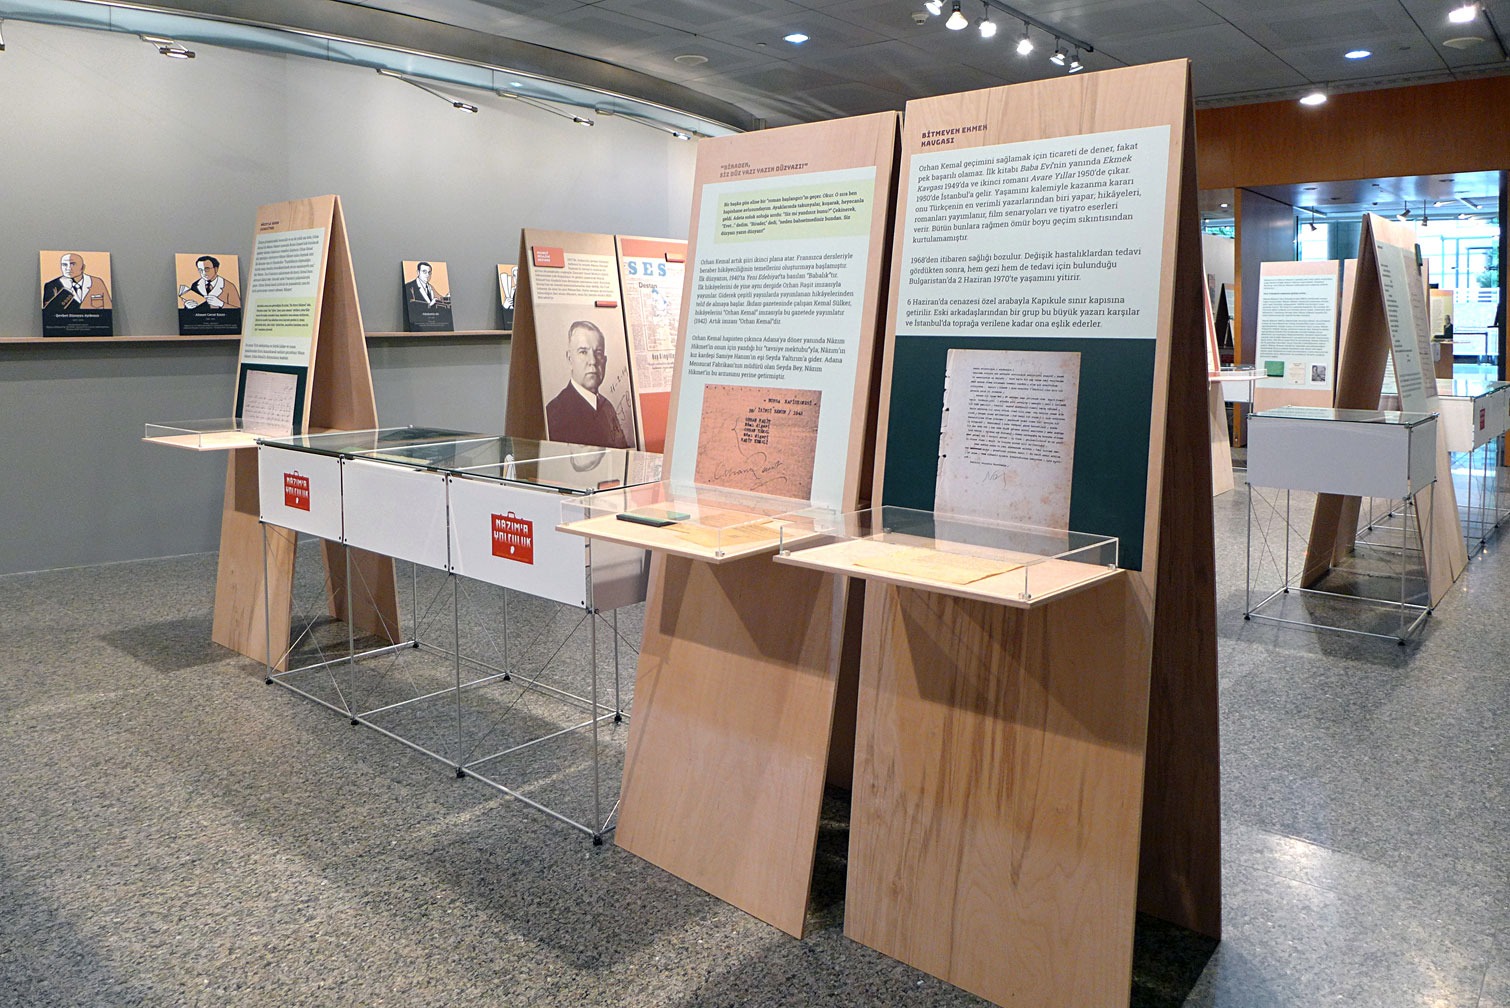 clic in der Ausstellung